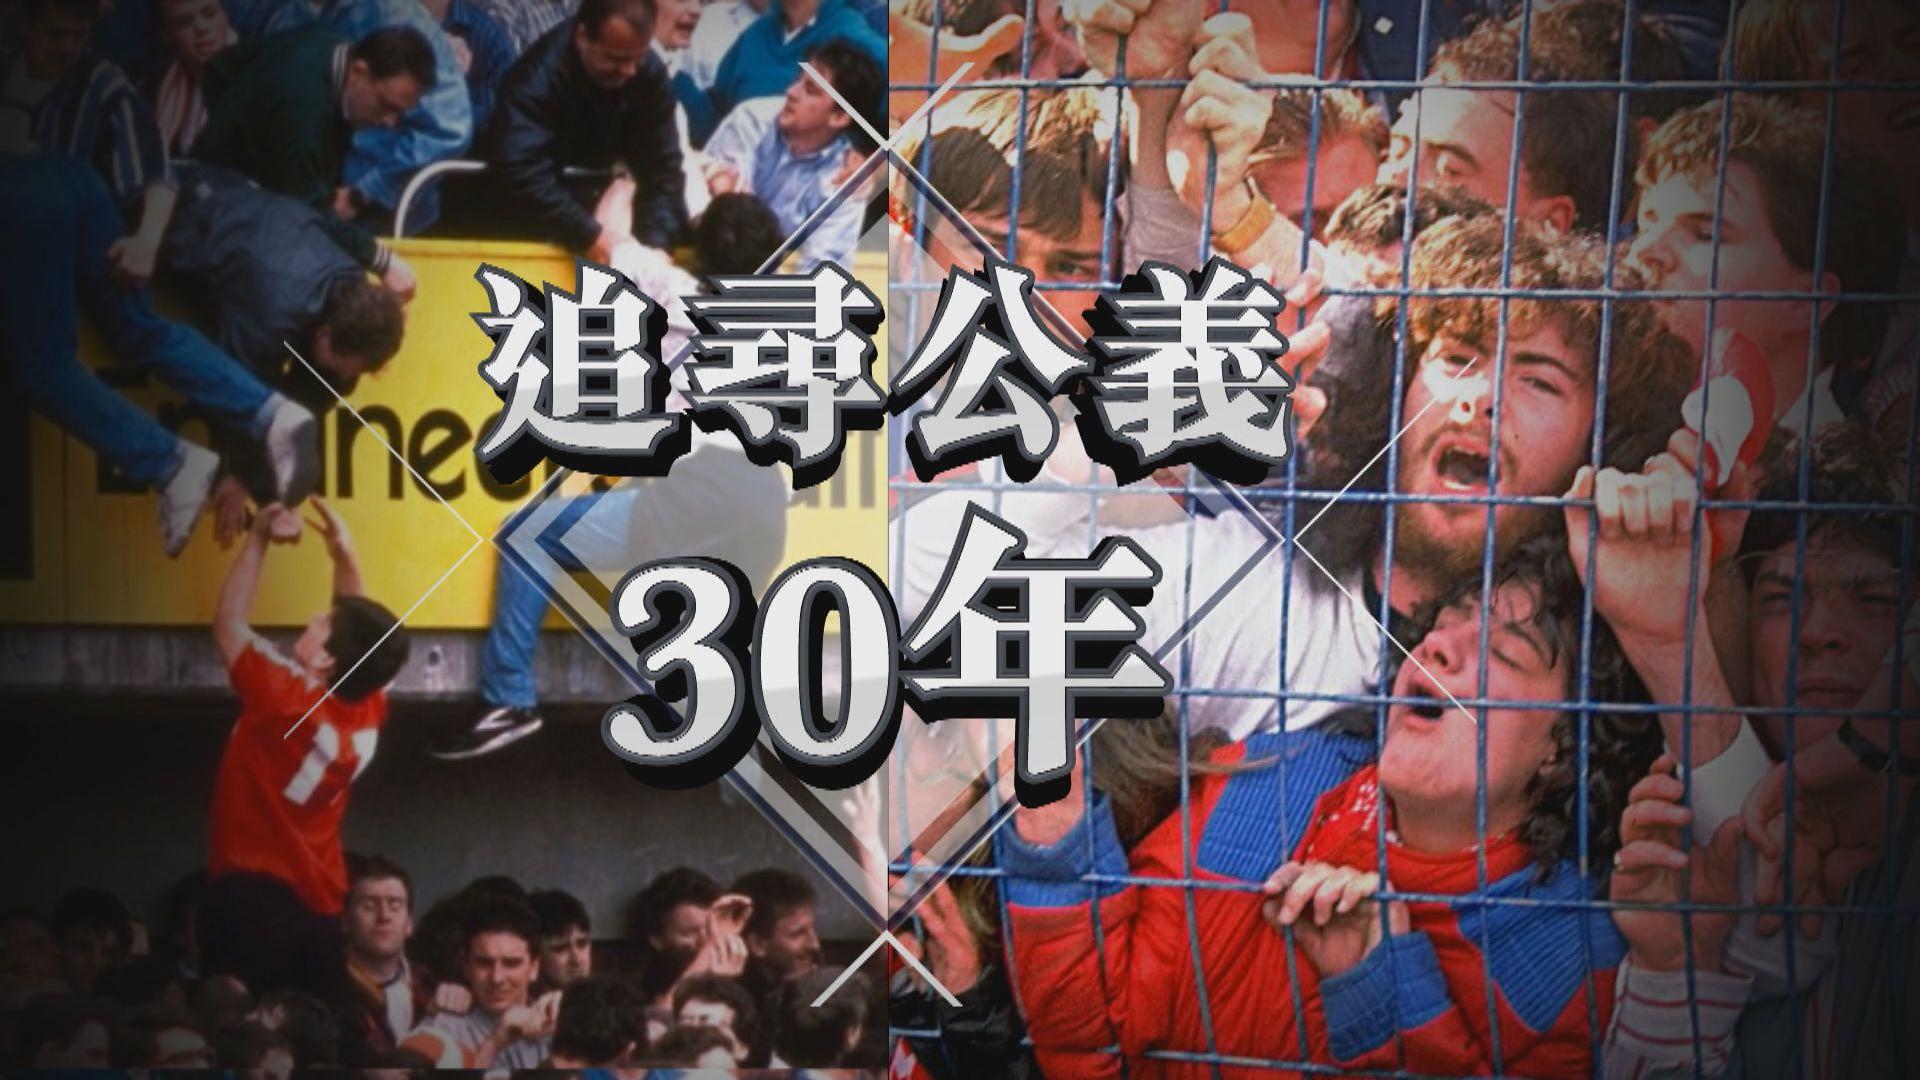 【新聞智庫】希斯堡慘劇死者曾被指醉酒鬧事 利物浦球迷追尋公義30年